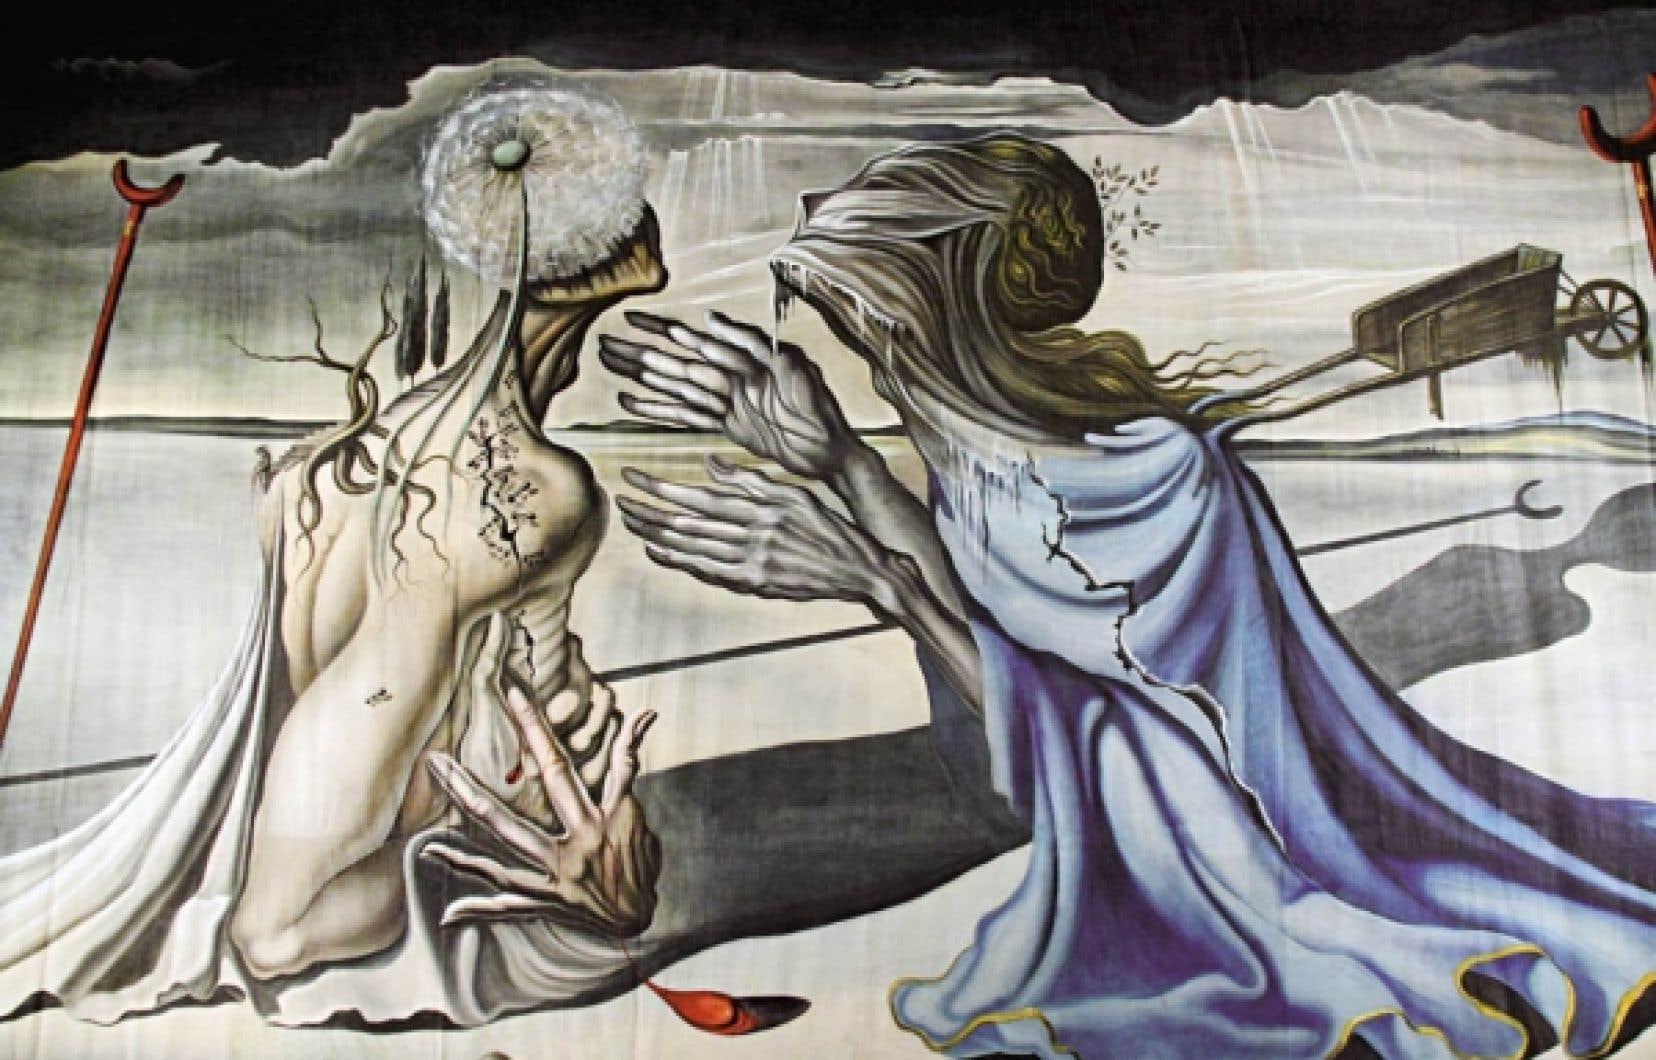 Intitulé Tristan Fou, l'immense tulle de scène a été peint par Dalí dans les années 1940 pour le ballet Tristan et Yseult.<br />